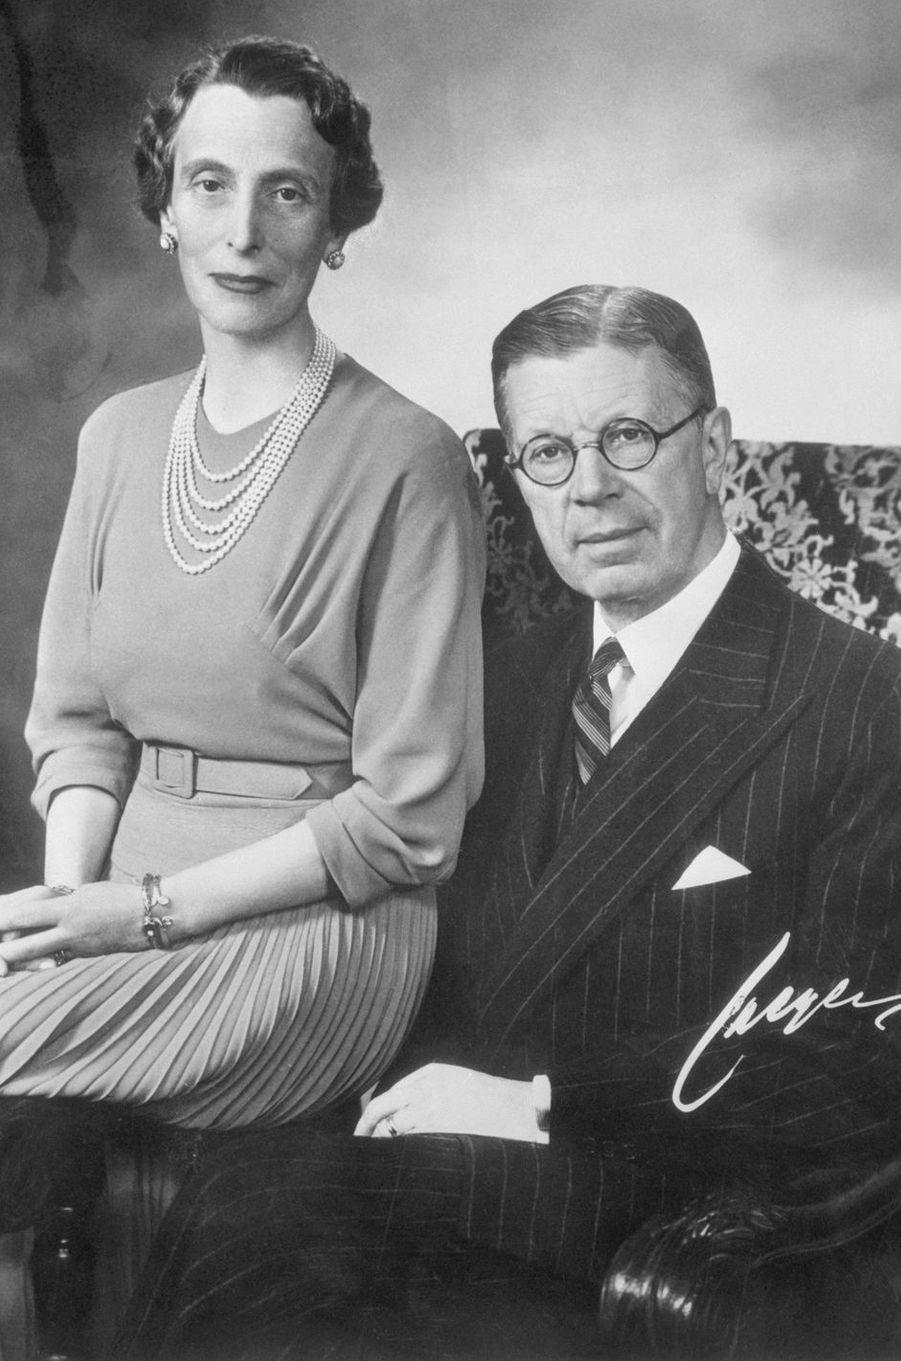 Le futur roi Gustaf VI Adolf de Suède et sa seconde femme Louise Mountbatten. Photo pour leurs 25 ans de mariage, le 20 novembre 1948